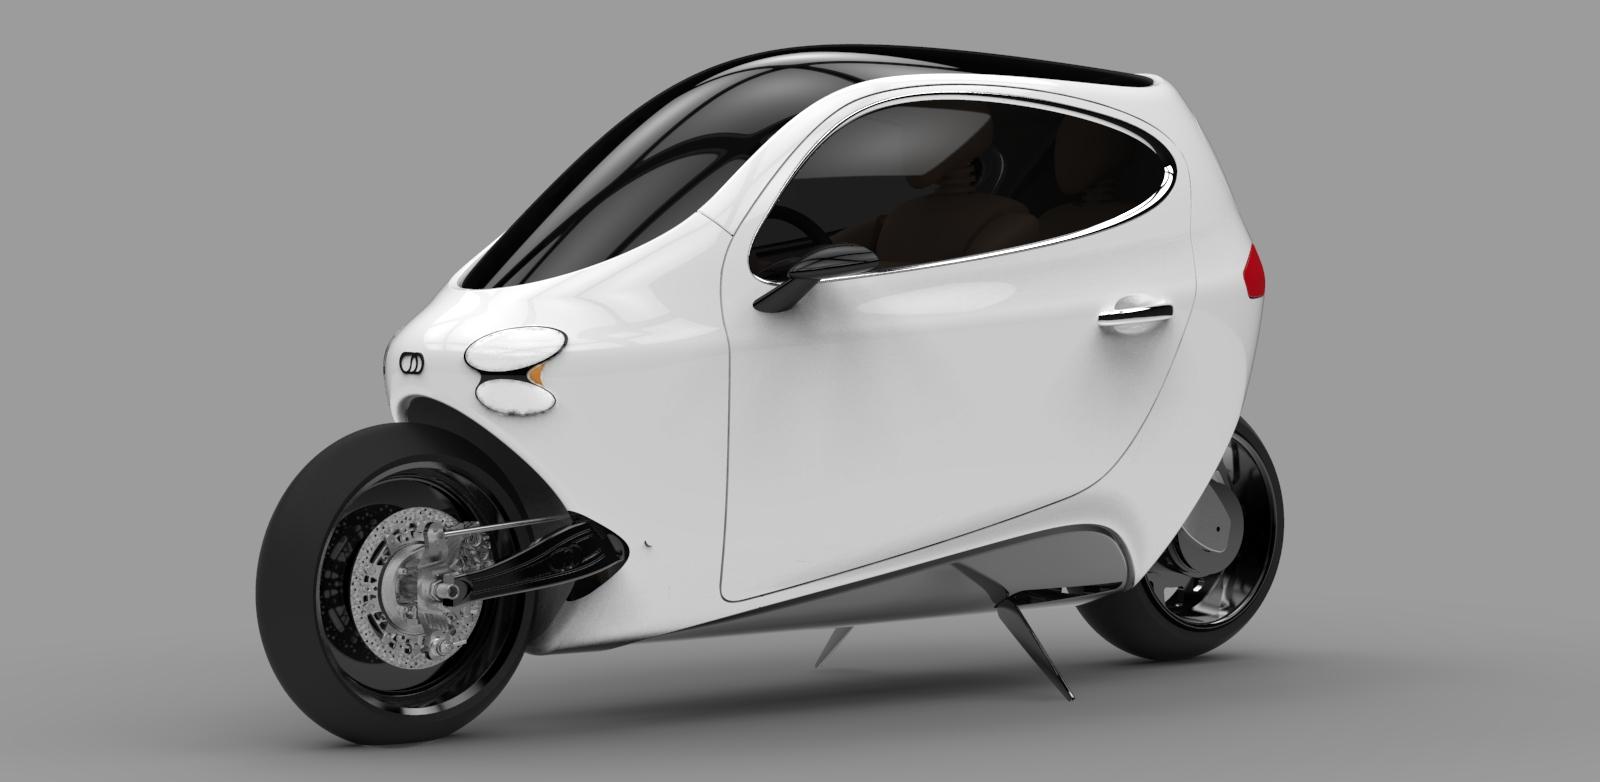 [Ecologie] Le marché de la voiture électrique et PHEV - Page 4 Lit+c-1